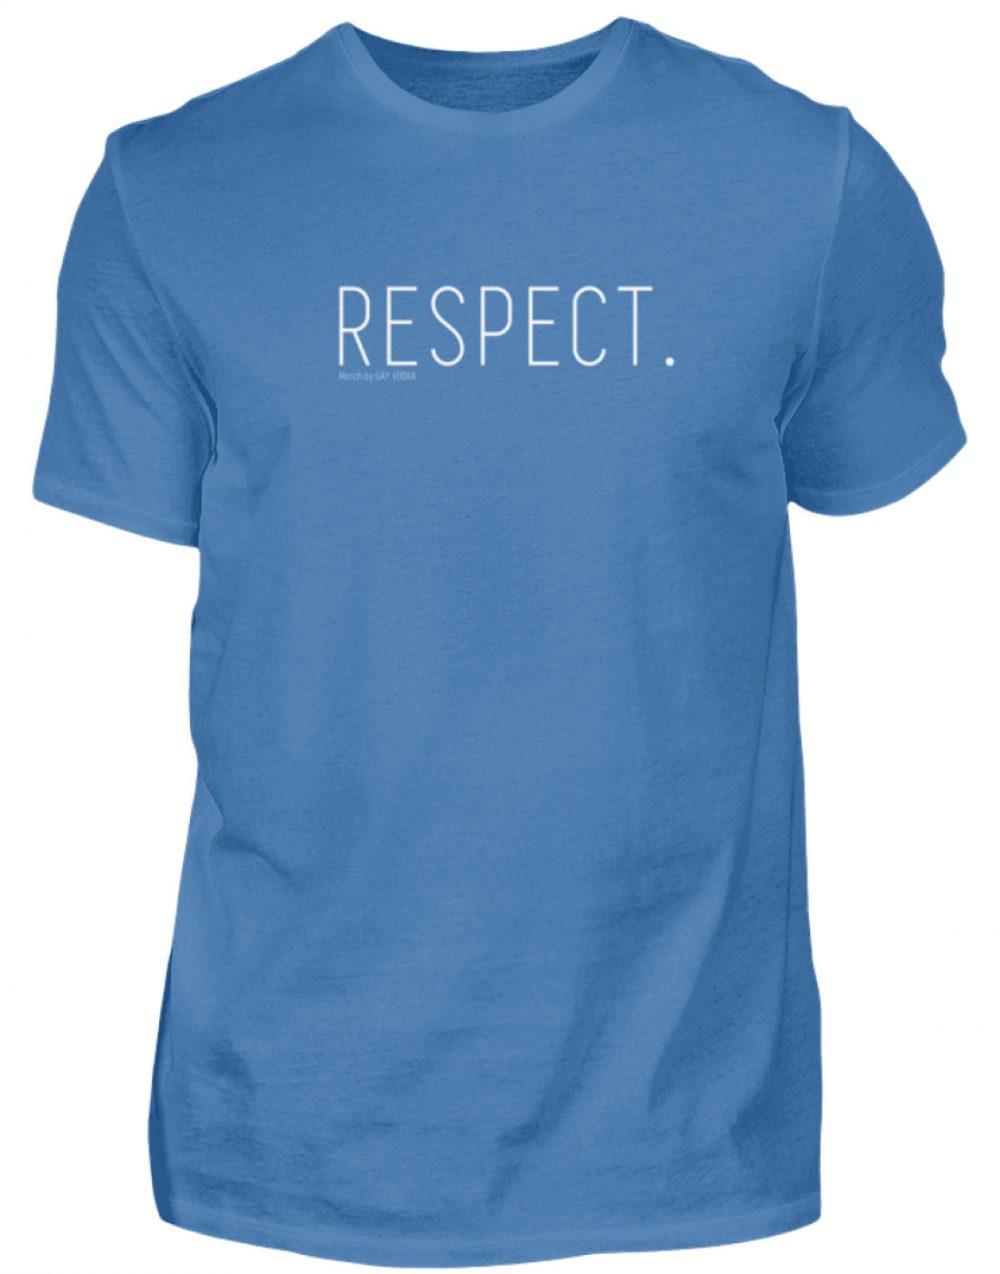 RESPECT. - Herren Premiumshirt-2894